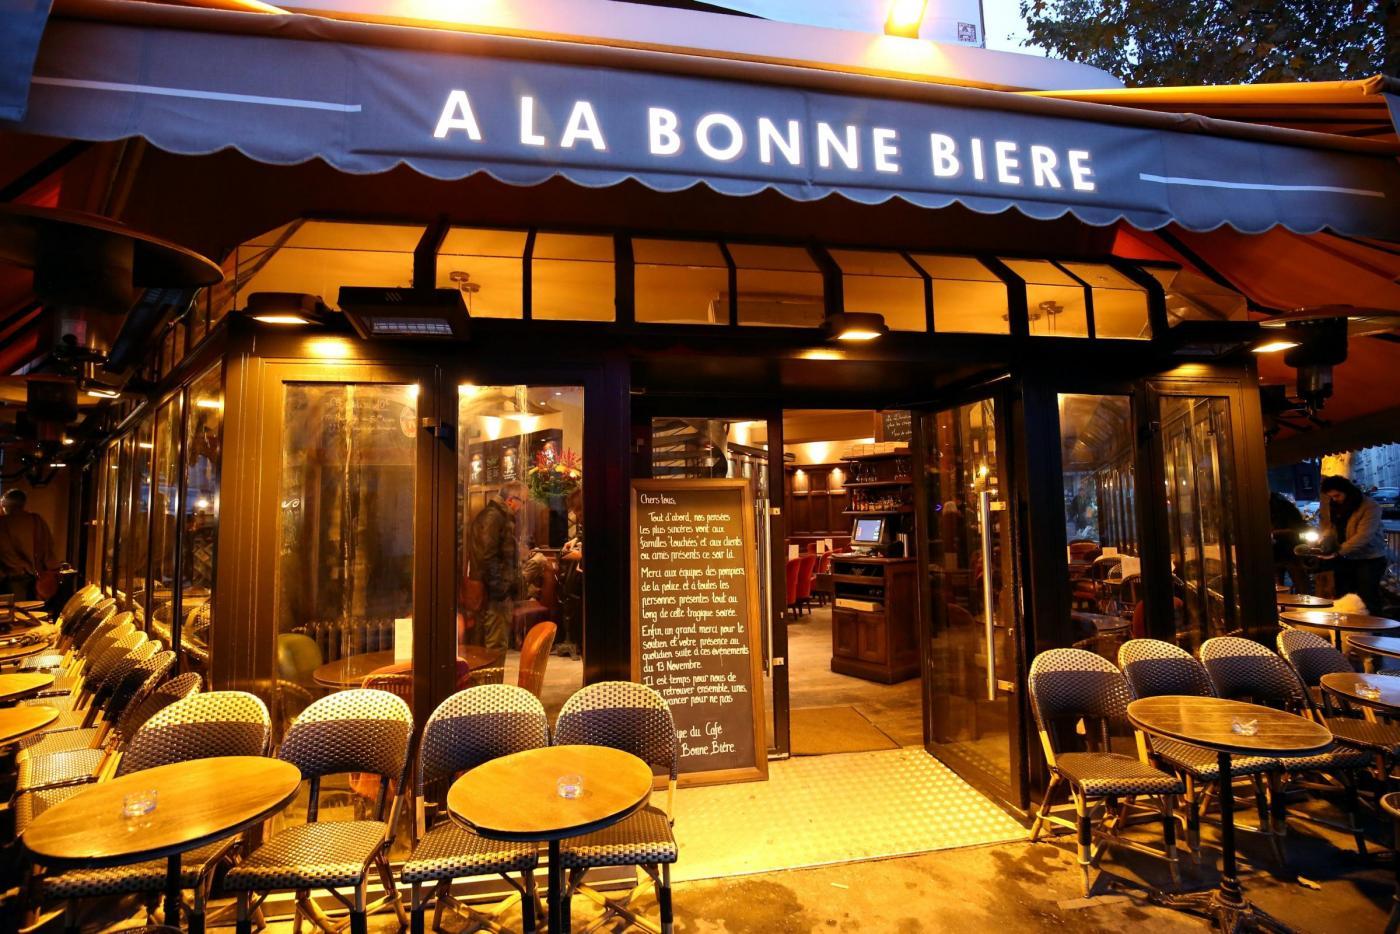 Riapertura del 'Cafe' a la Bonne Bier' dopo l'attacco terroristico del 13 novembre